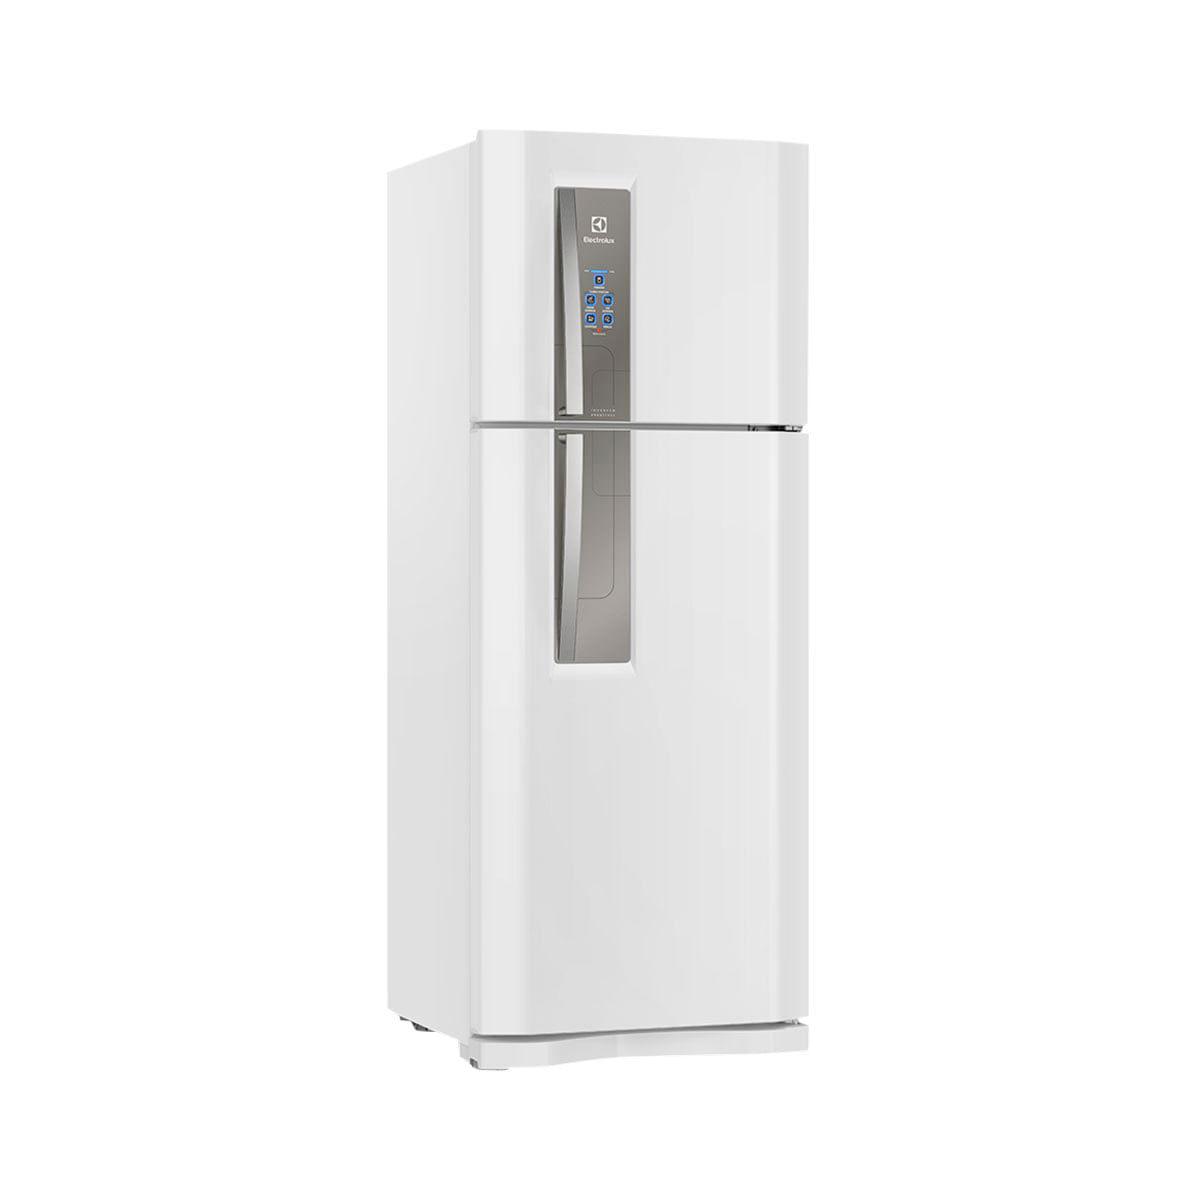 Geladeira/refrigerador 427 Litros 2 Portas Branco - Electrolux - 110v - If53